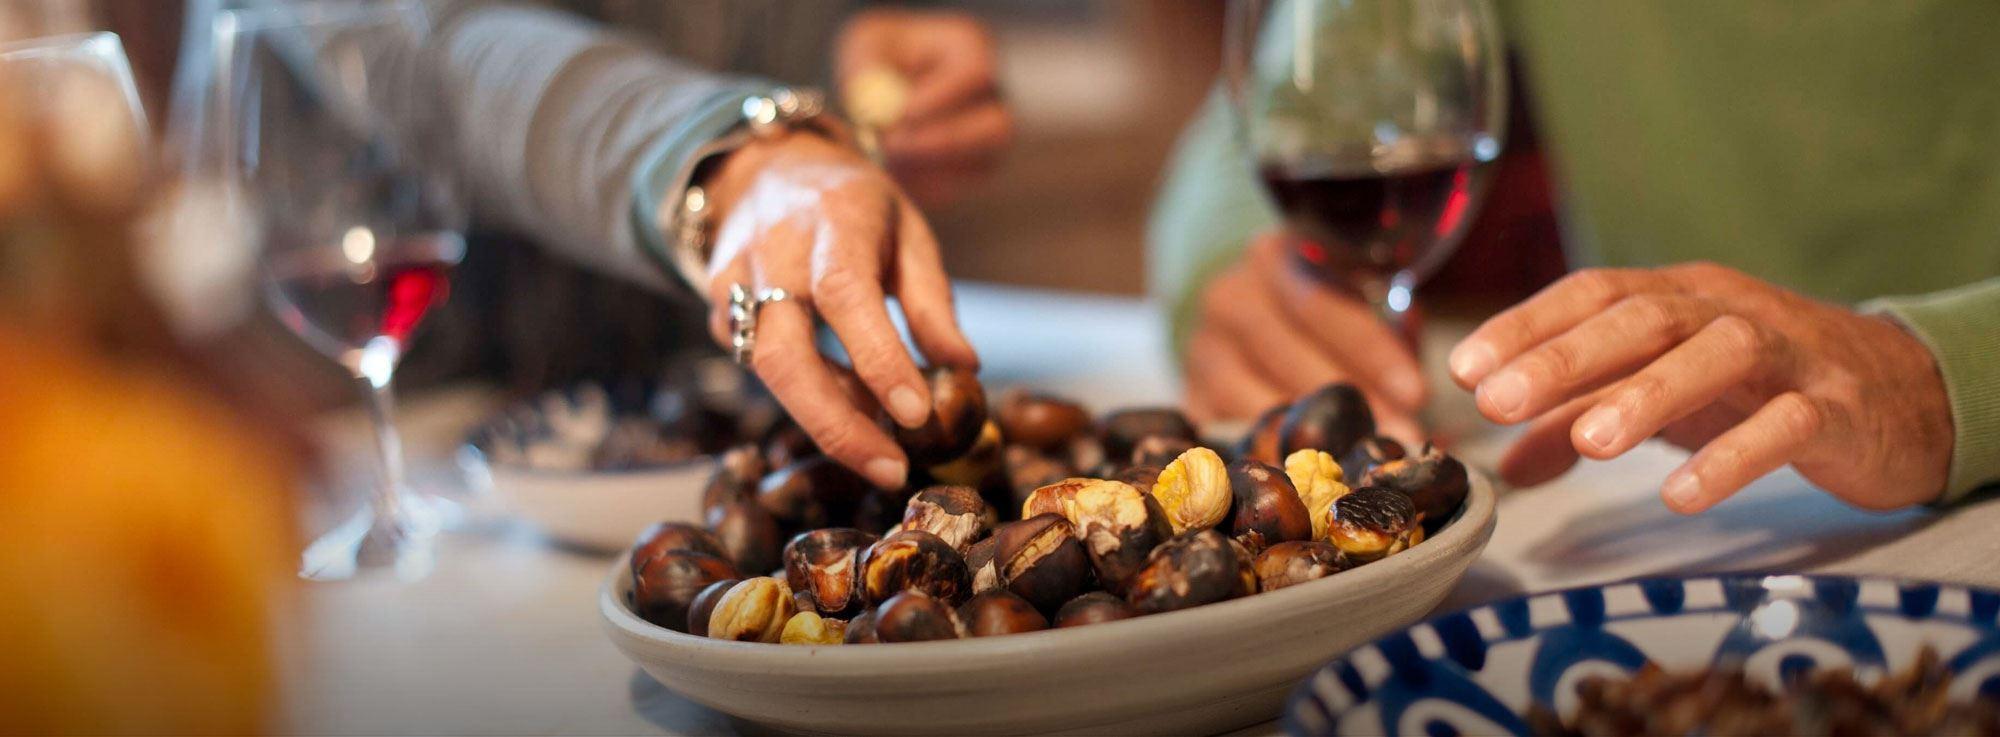 Melendugno: Festa della castagna e del vino salentino